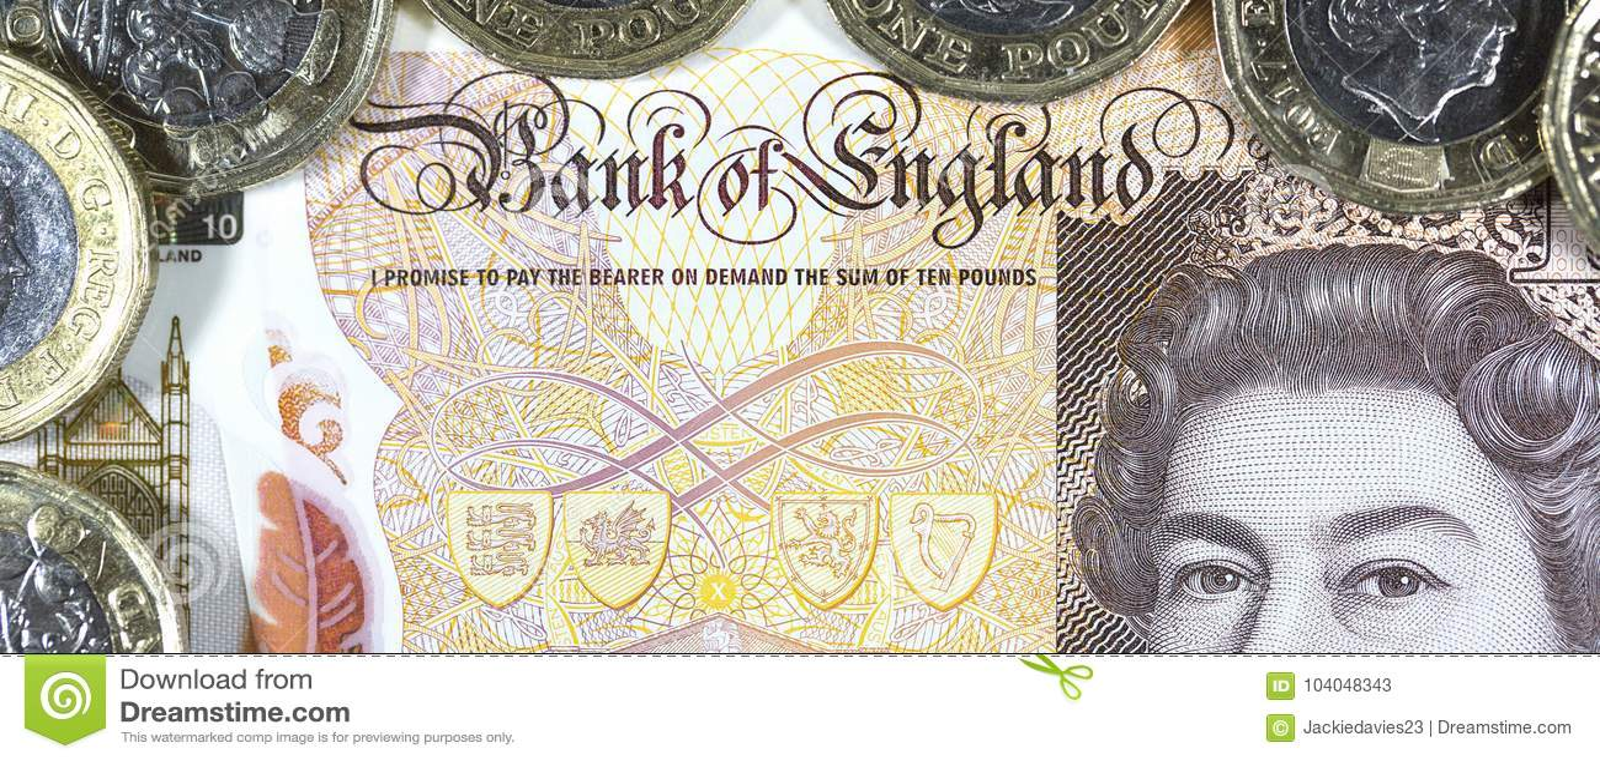 Valuta britannica - nuovo polimero una nota da dieci libbre